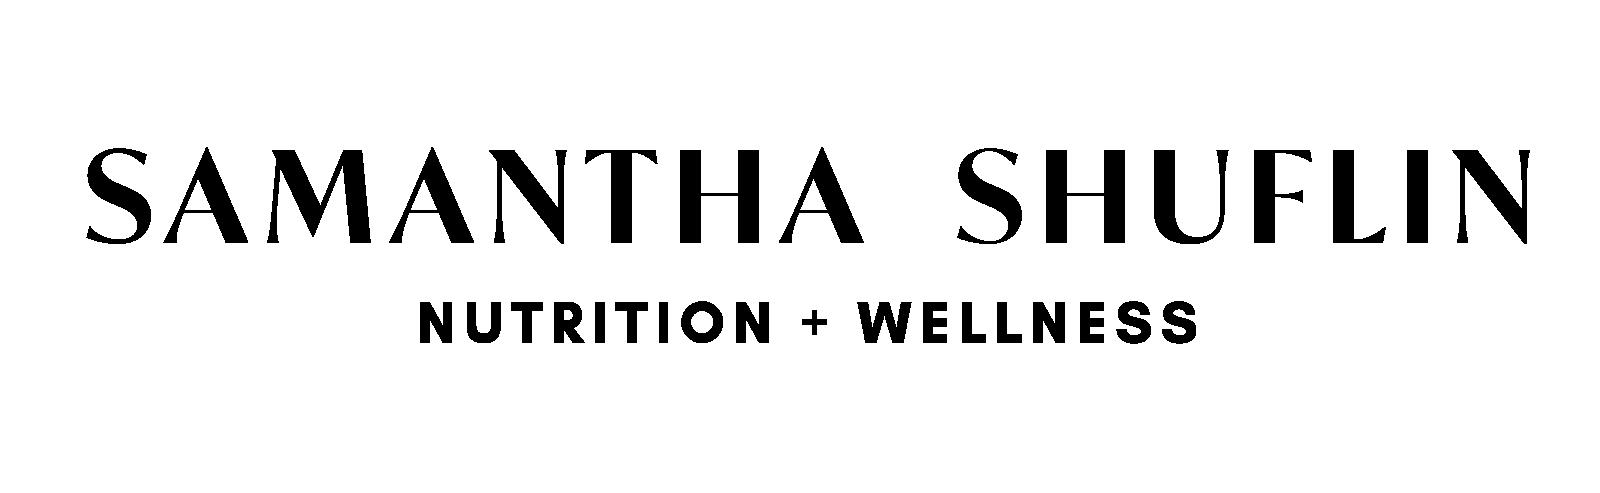 Samantha Shuflin